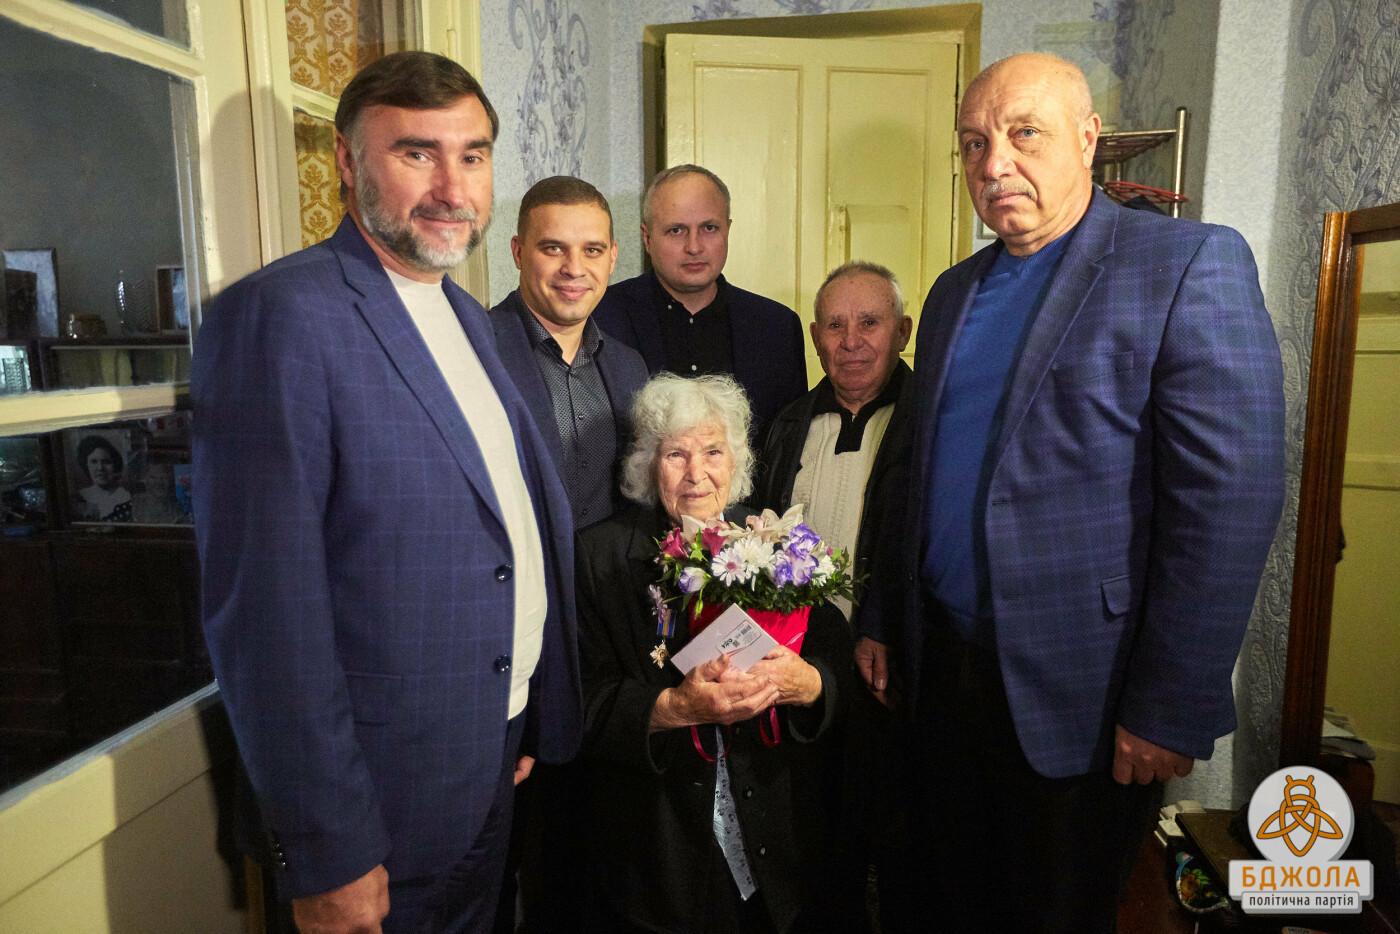 Партия «Бджола» поздравила ветеранов Каменского с 76-й годовщиной освобождения города, фото-3